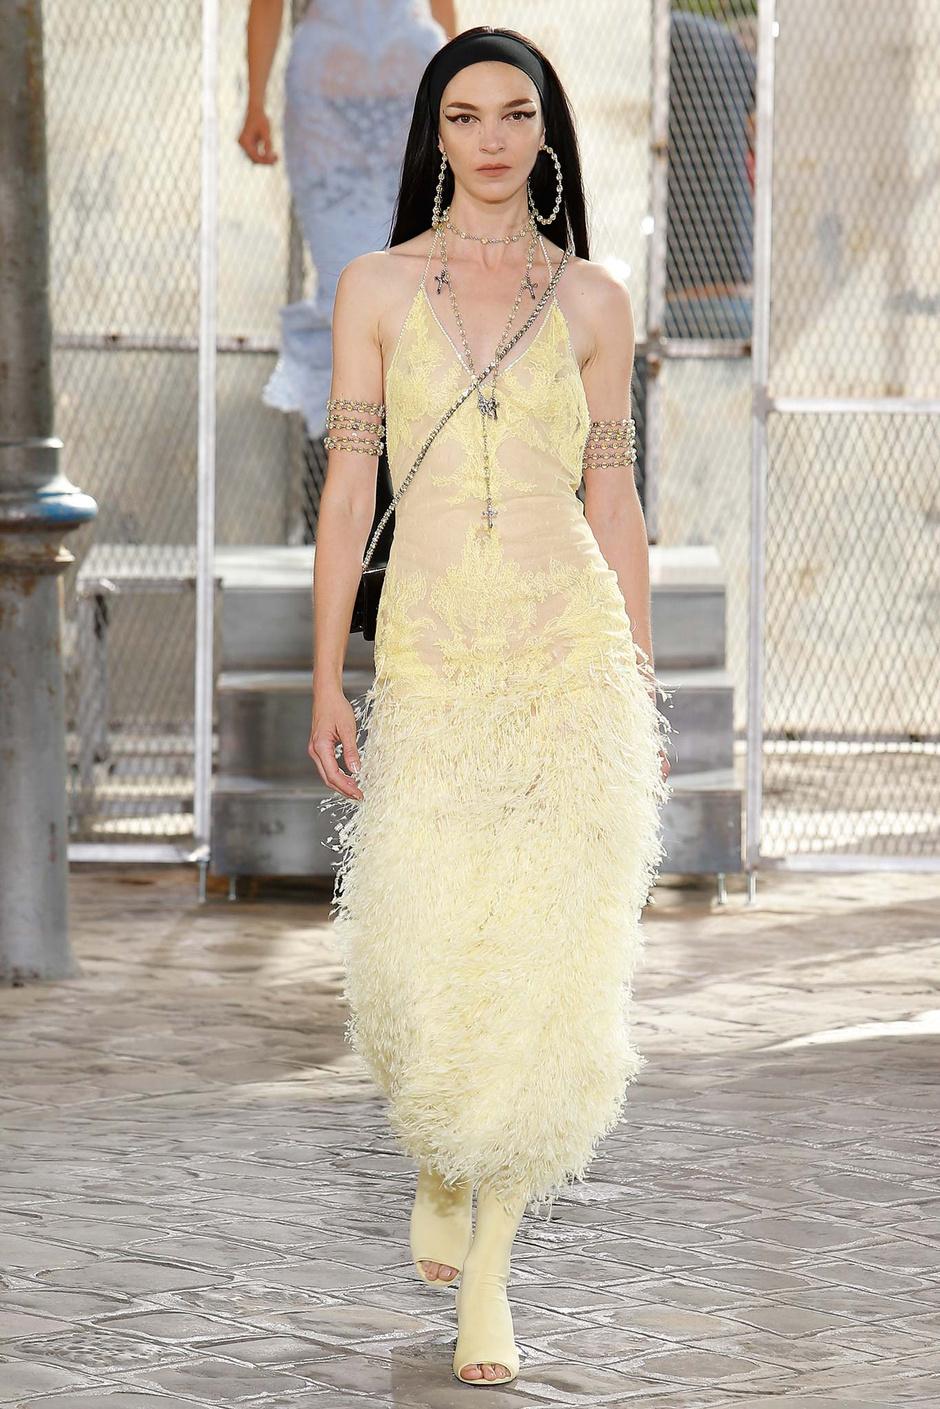 Мариякарла Босконо на показе Givenchy весна-лето 2016